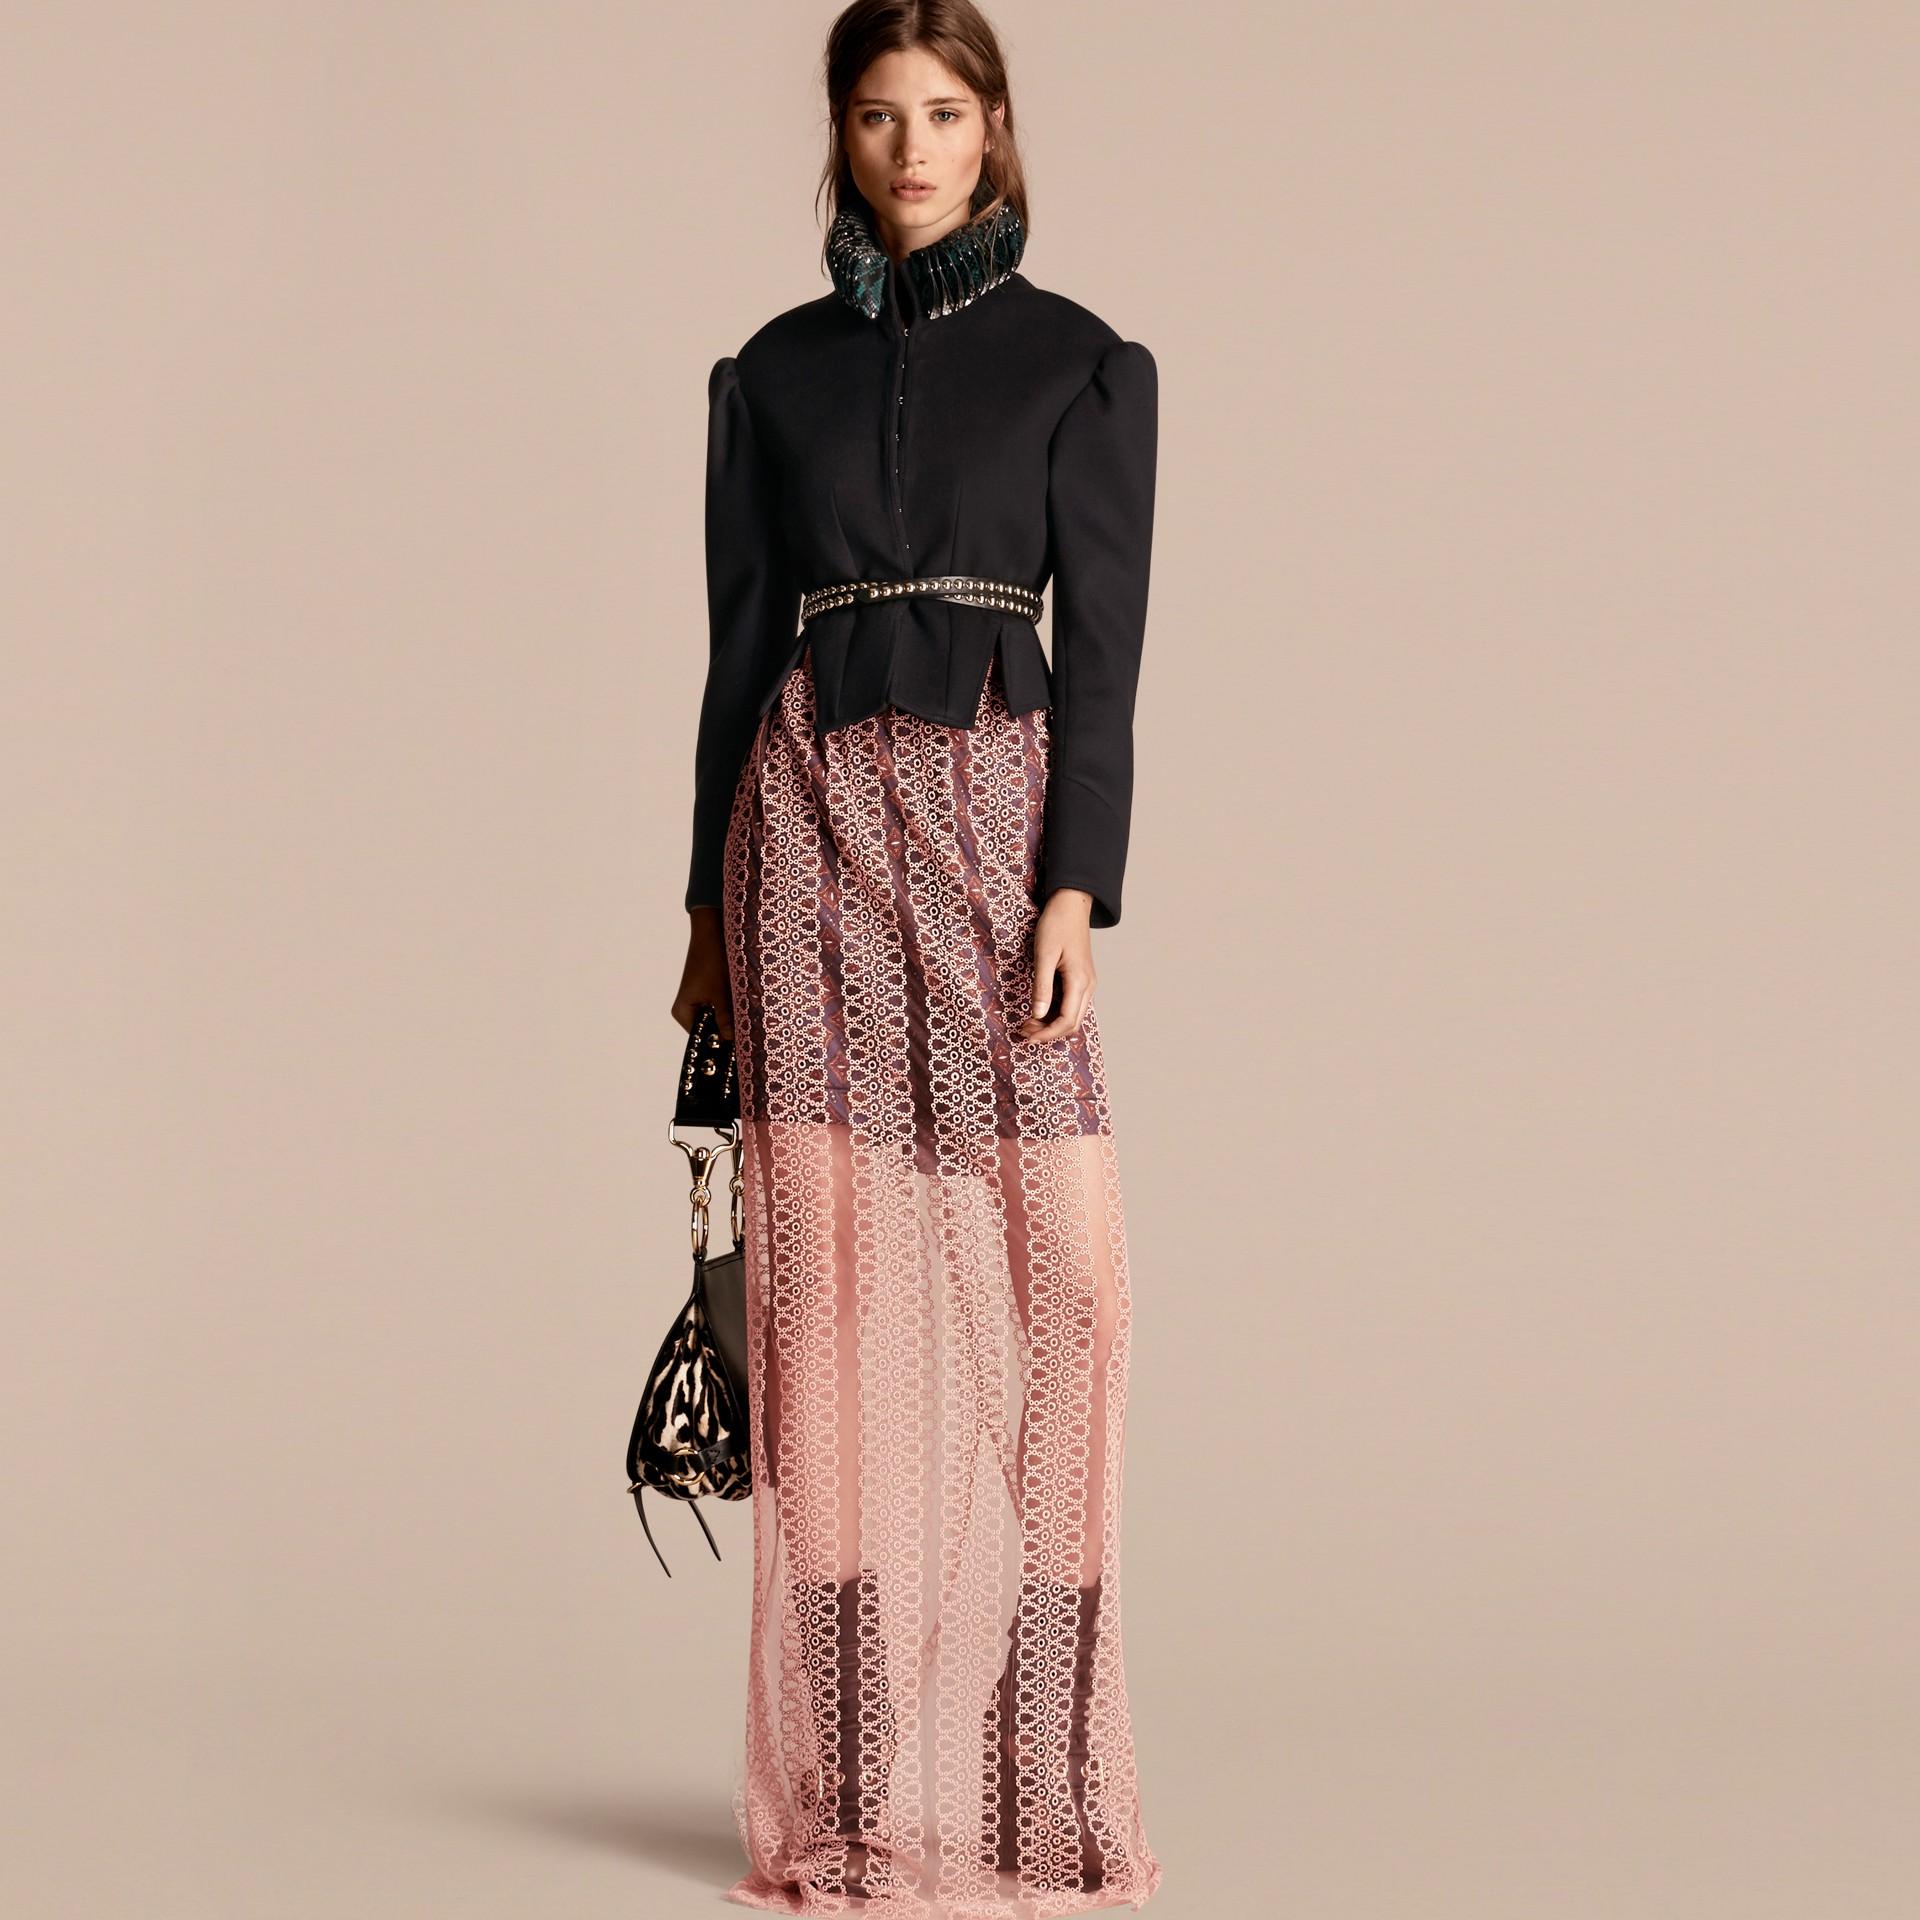 Rosa claro Saia estilo coluna de tule com faixas de bordado - galeria de imagens 6